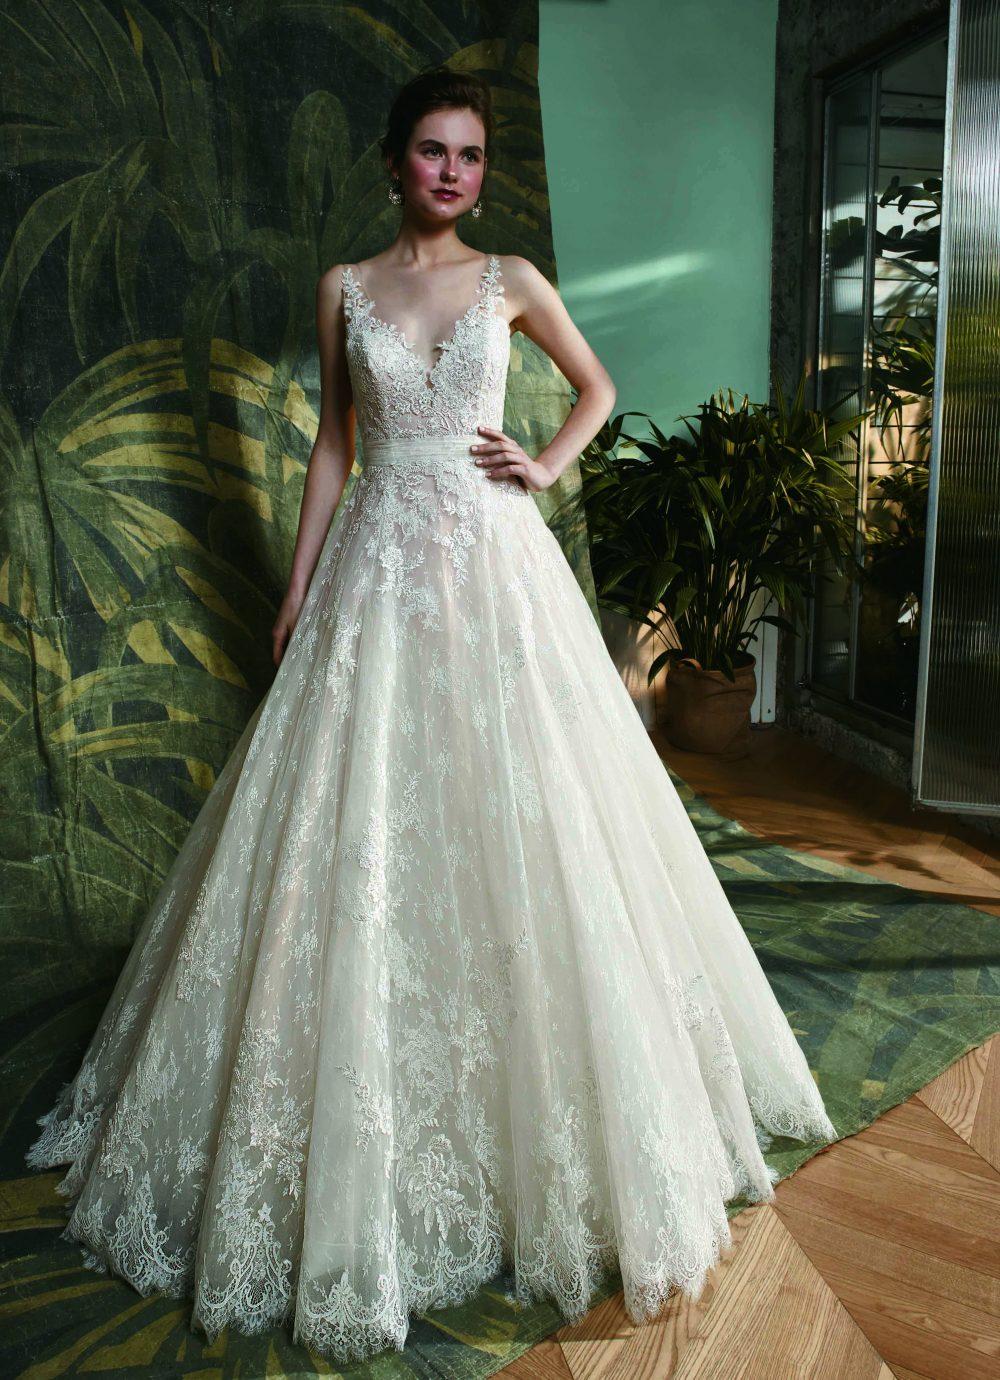 Hercegnős fazonú esküvői ruha az Enzoanitól, a nagy szoknyát kedvelő menyasszonyok kedvence.